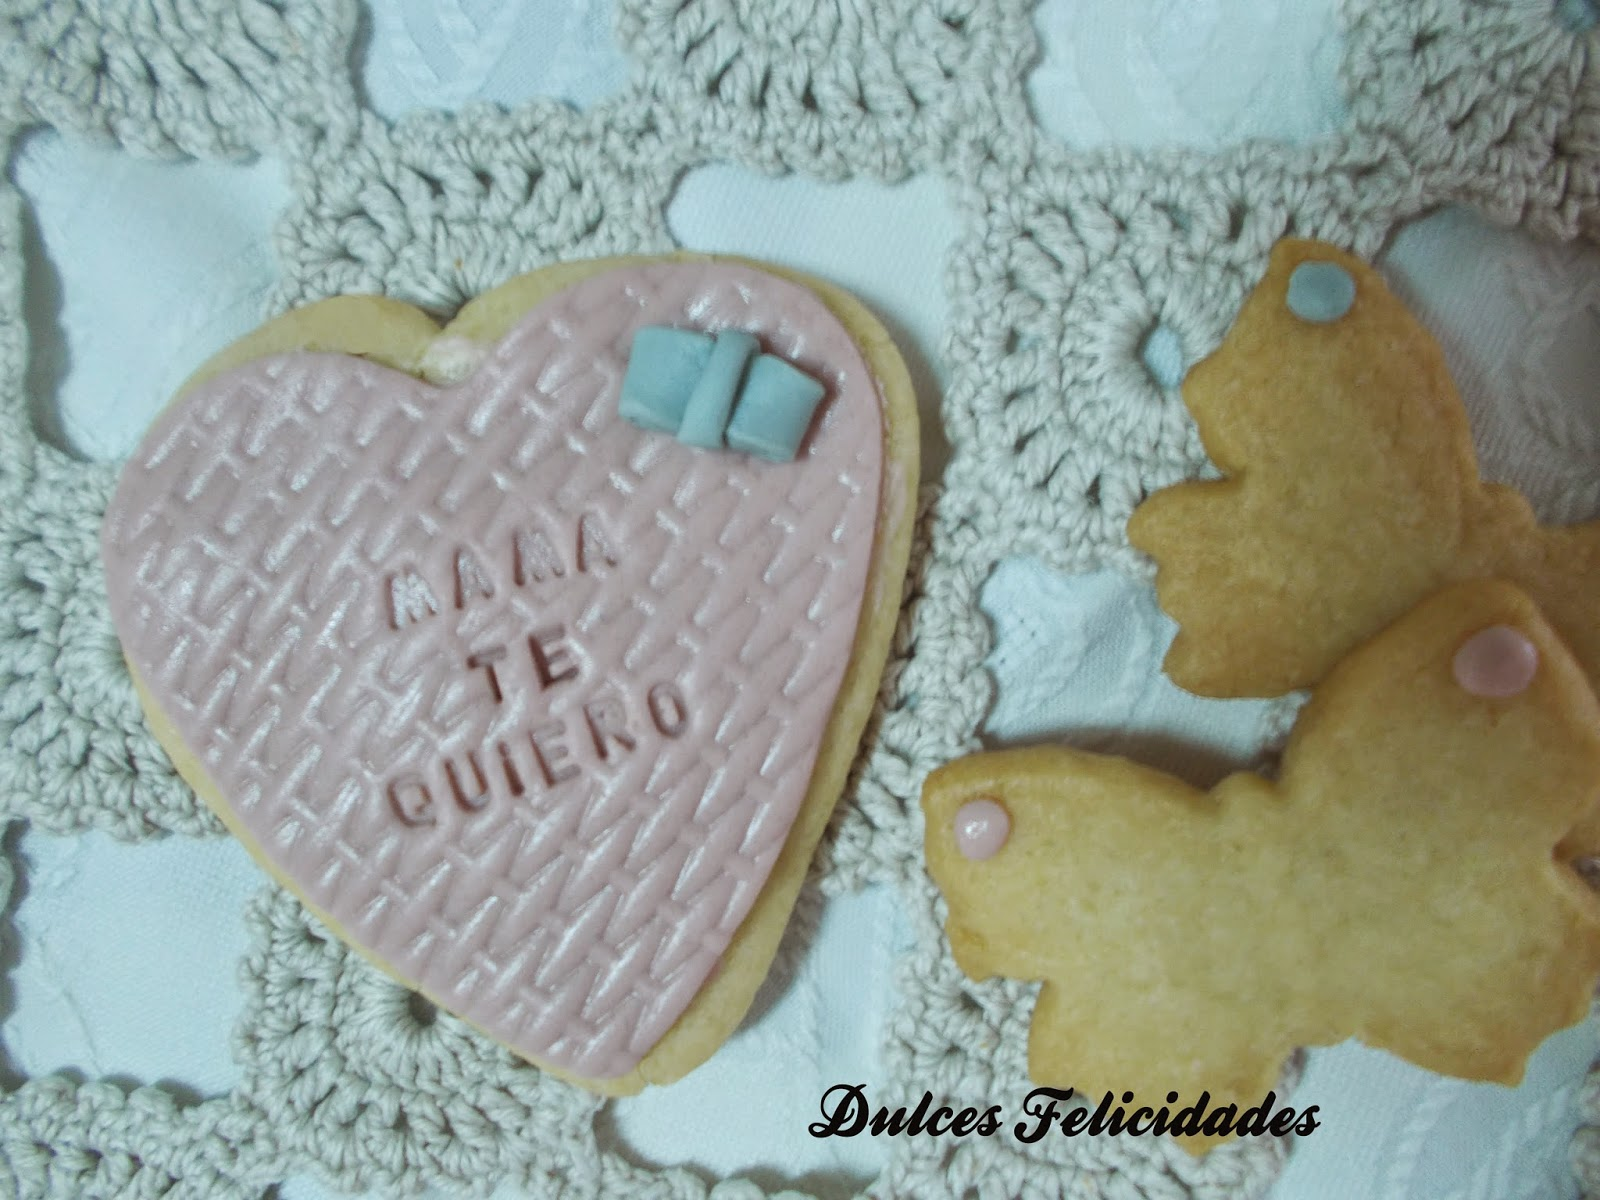 Galletas con aceite de girasol decoradas para el día de la madre